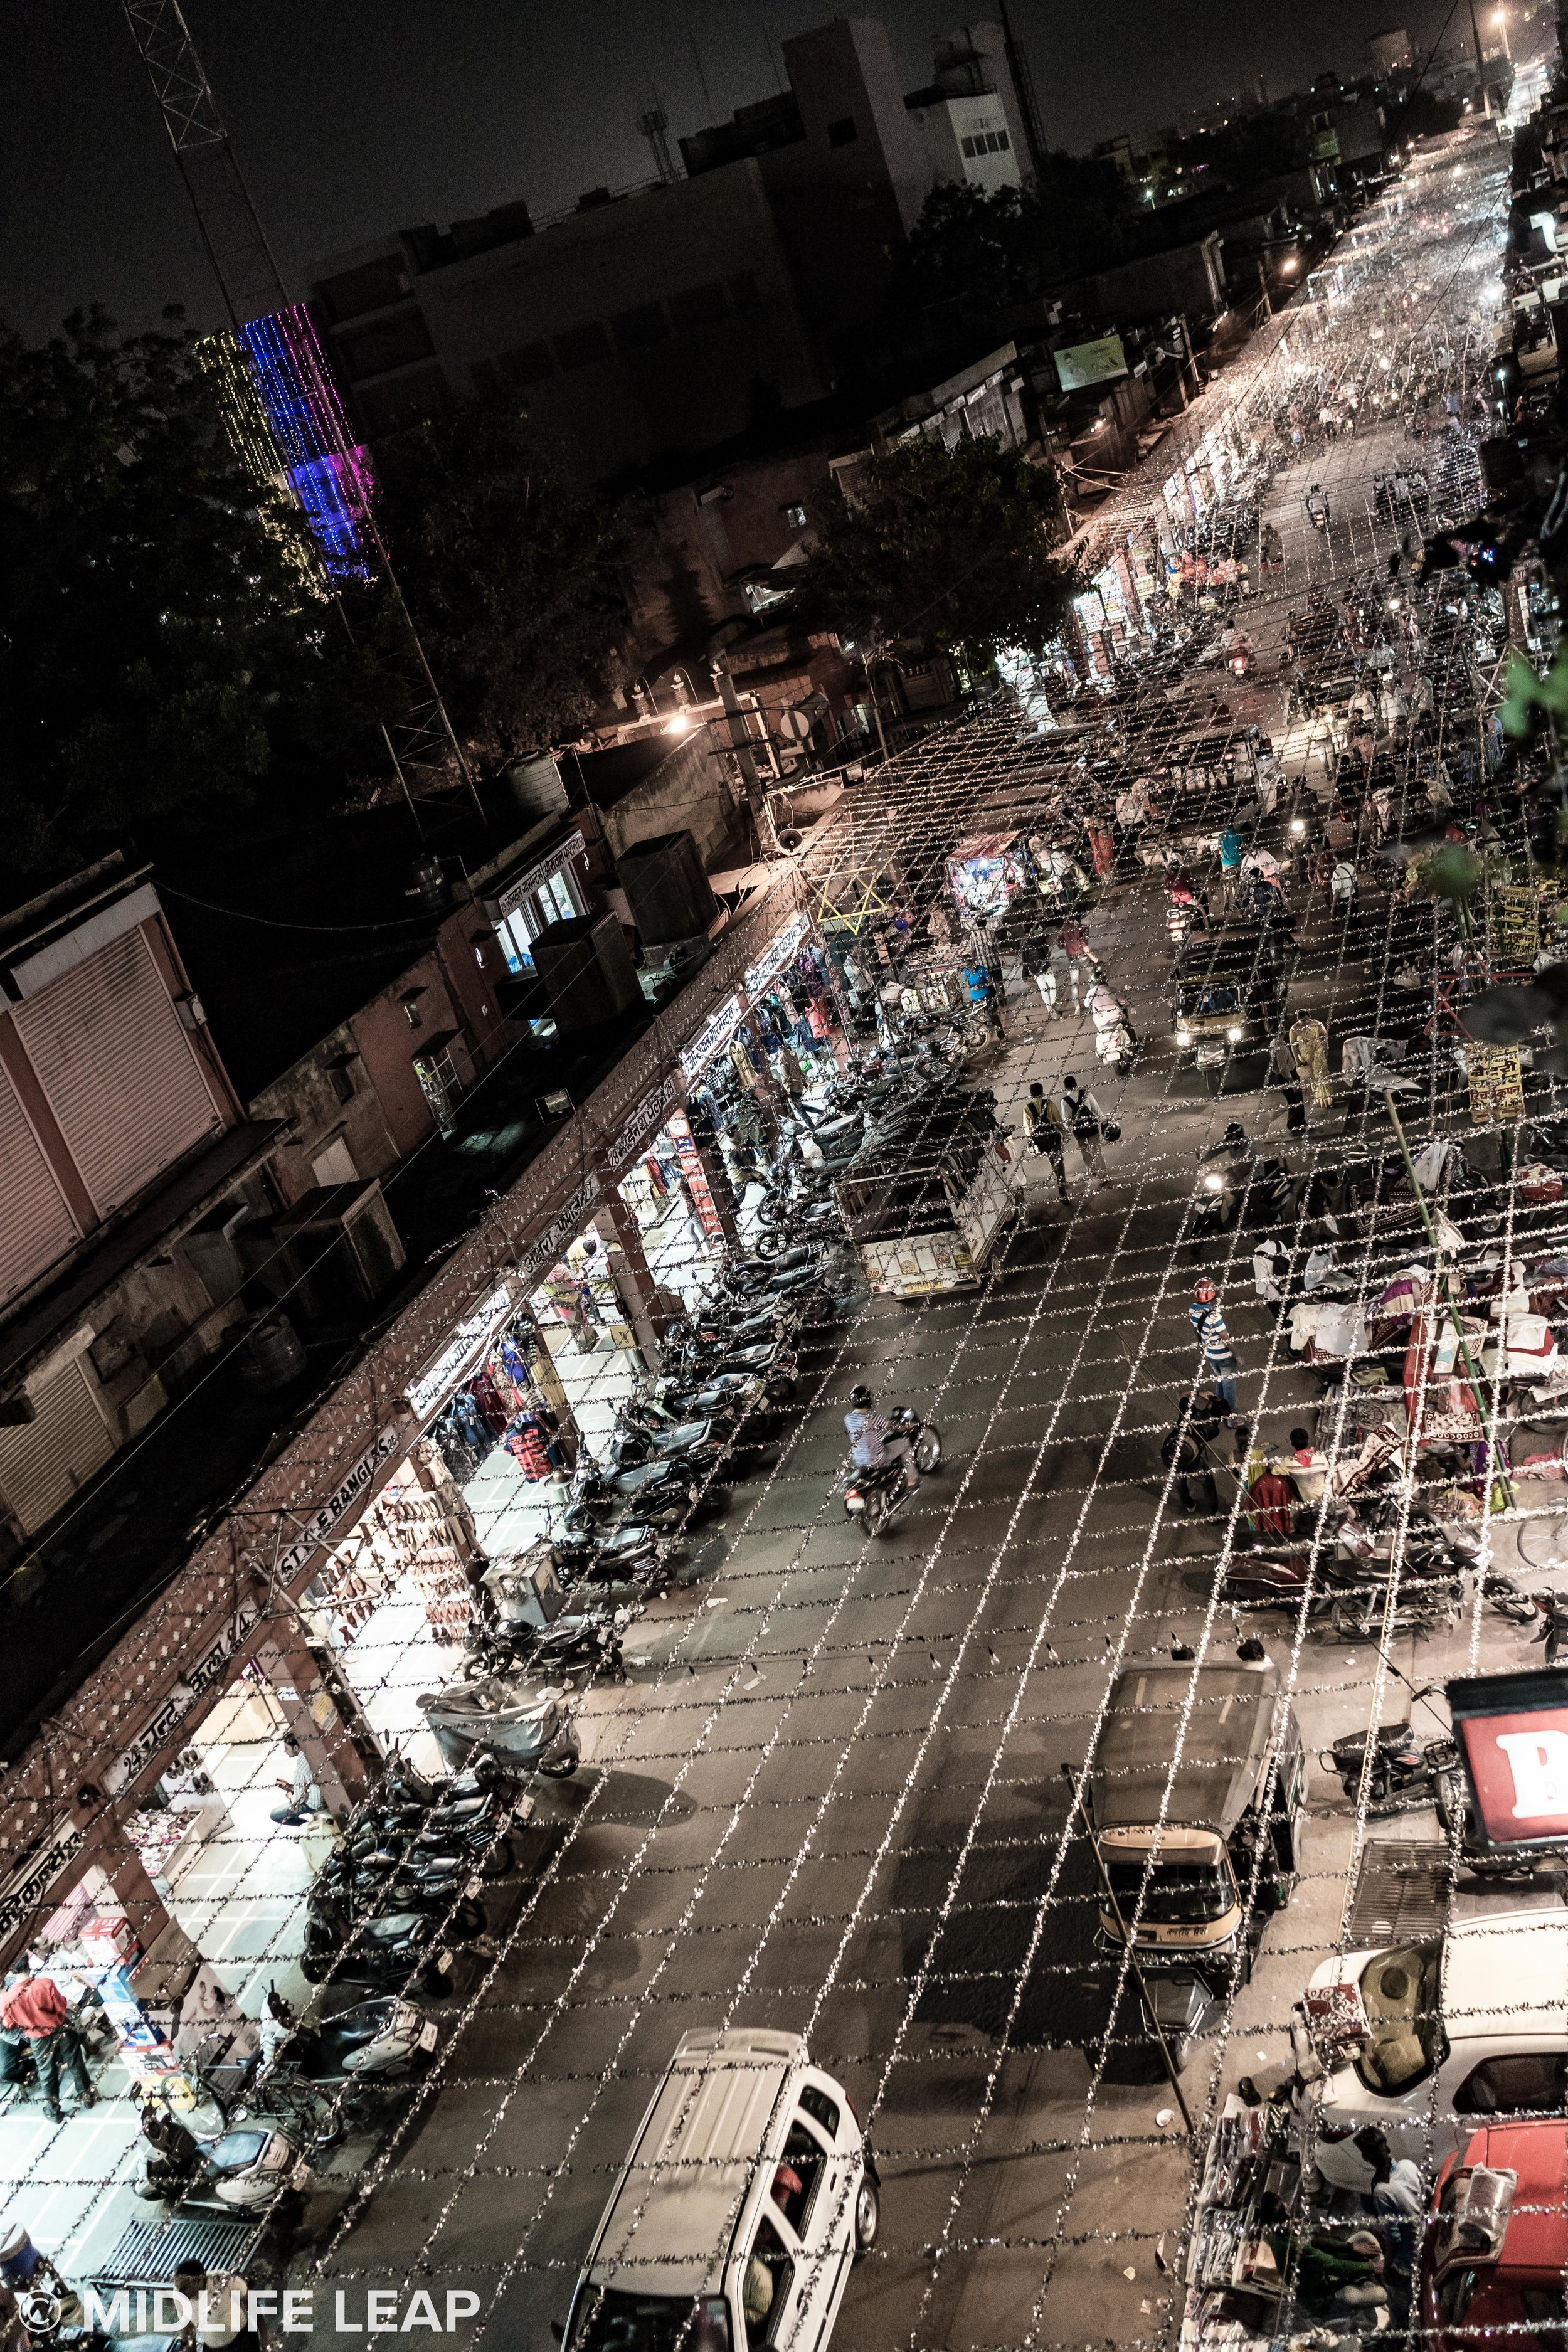 Nehru Bazaar at night